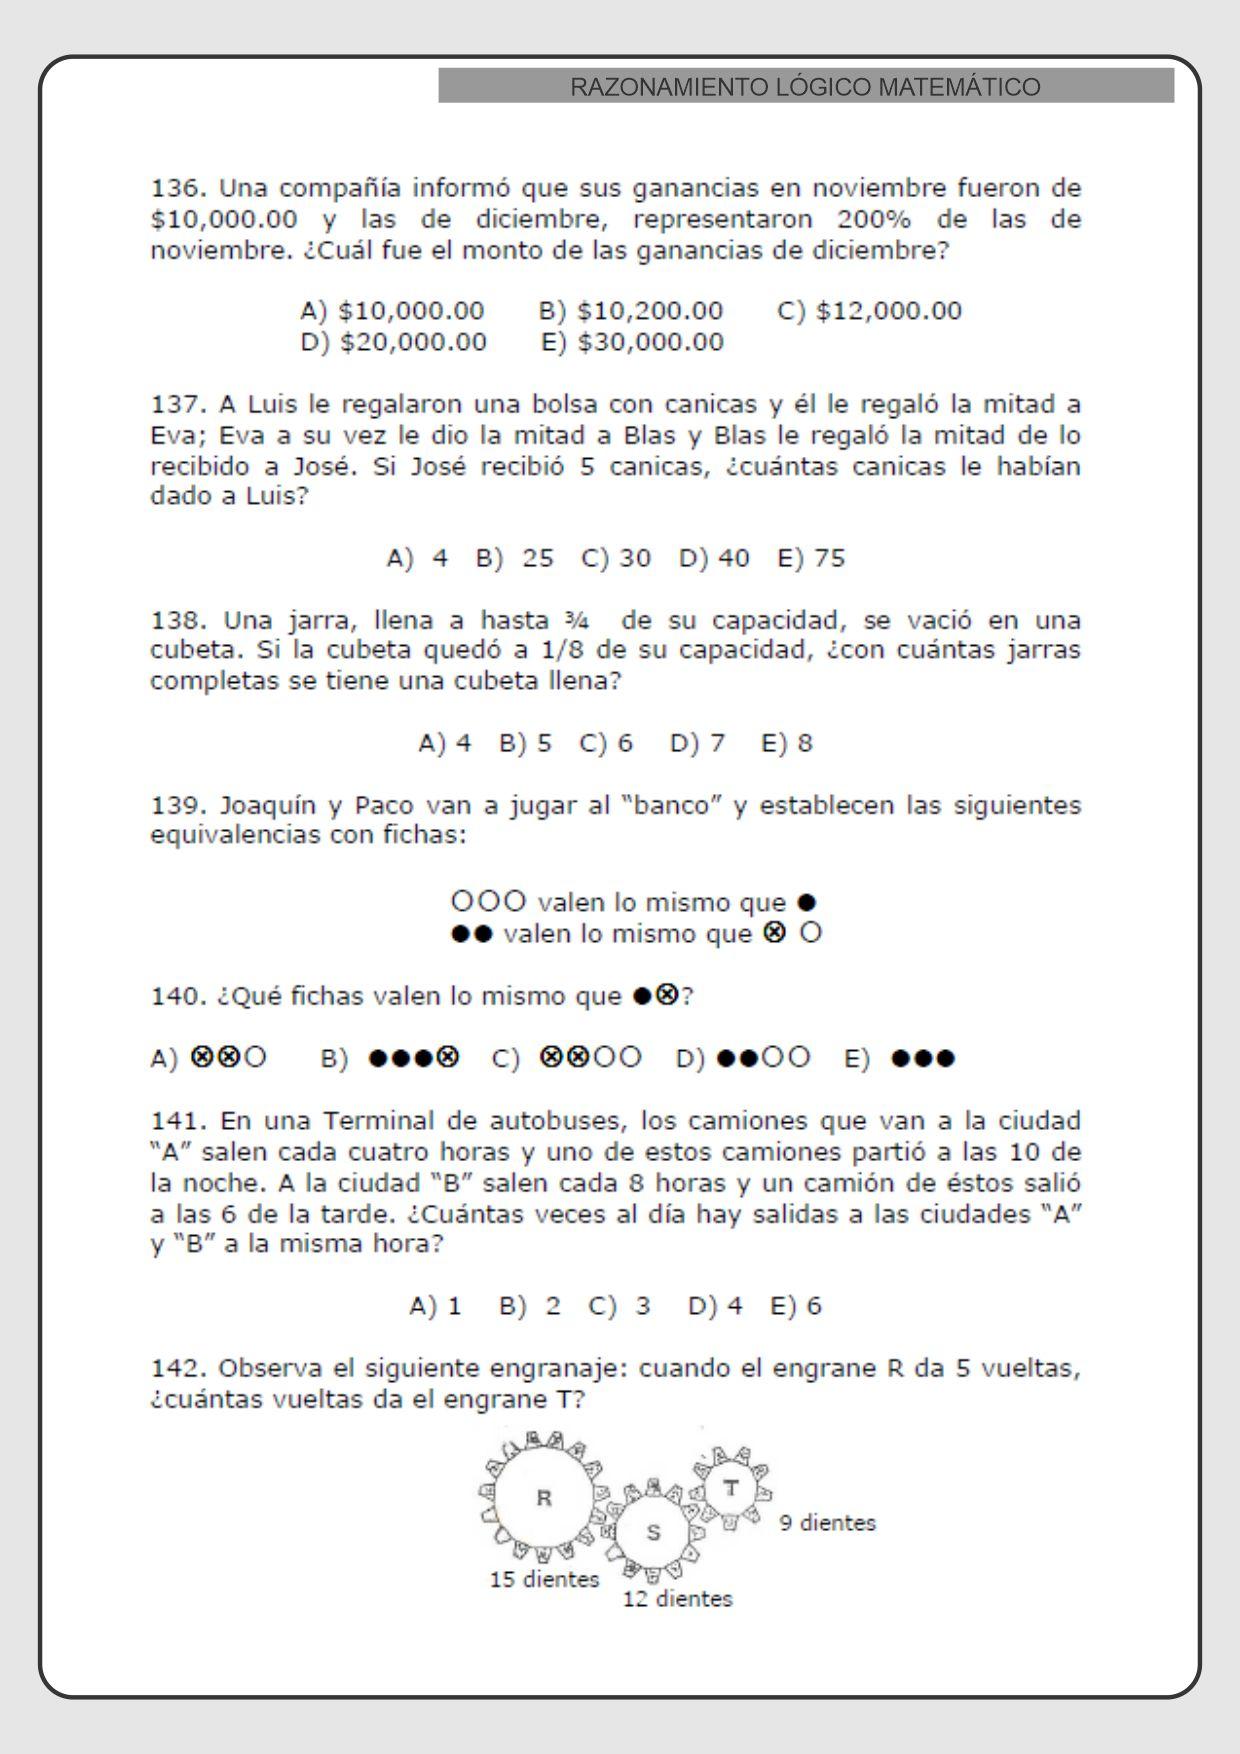 RAZONAMIENTO-LÓGICO-MATEMÁTICO-PARA-SECUNDARIA-5